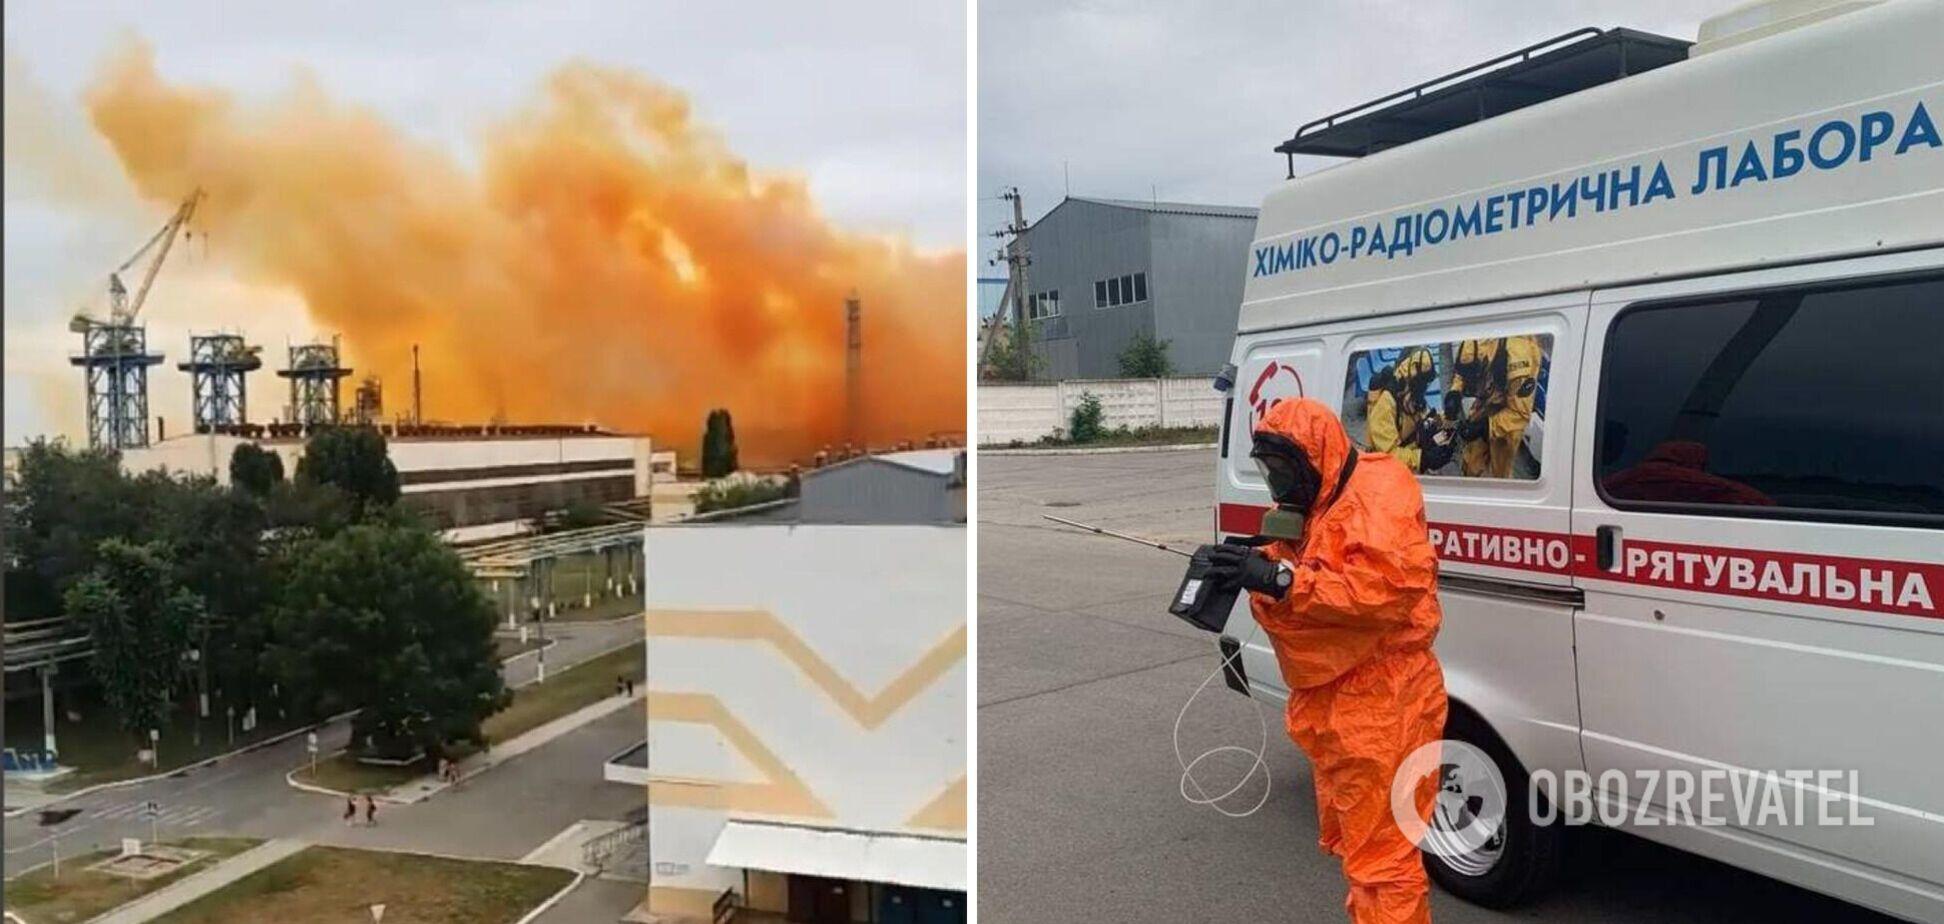 Експерти перевірили якість повітря